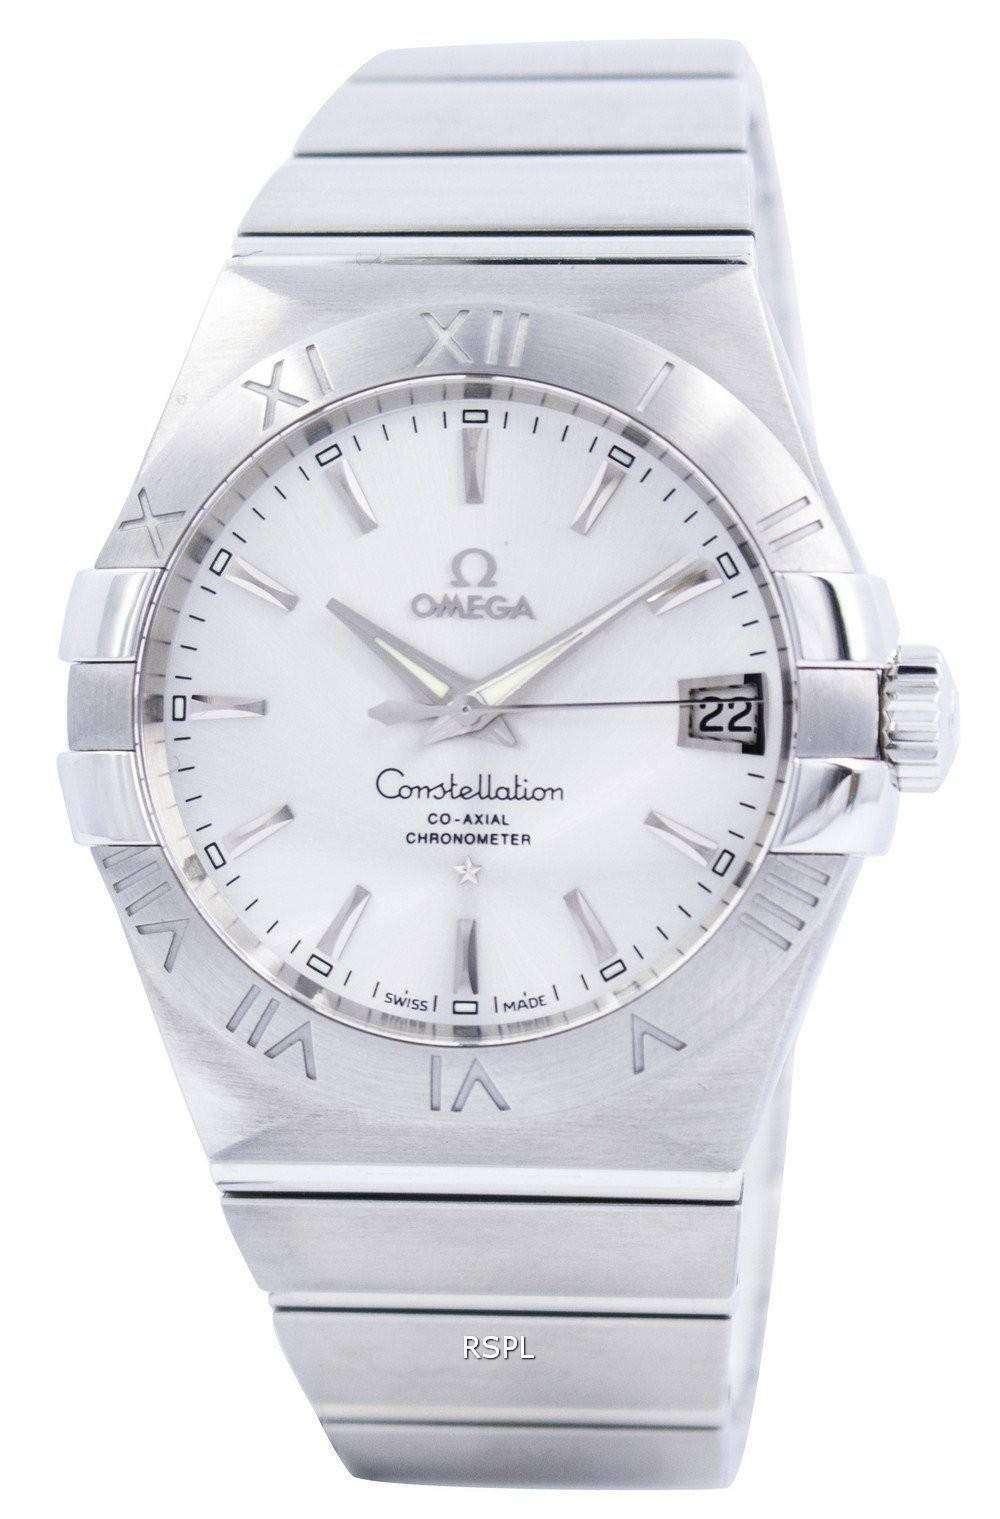 オメガ コンステレーション コーアクシャル クロノメーター 123.10.38.21.02.001 メンズ腕時計